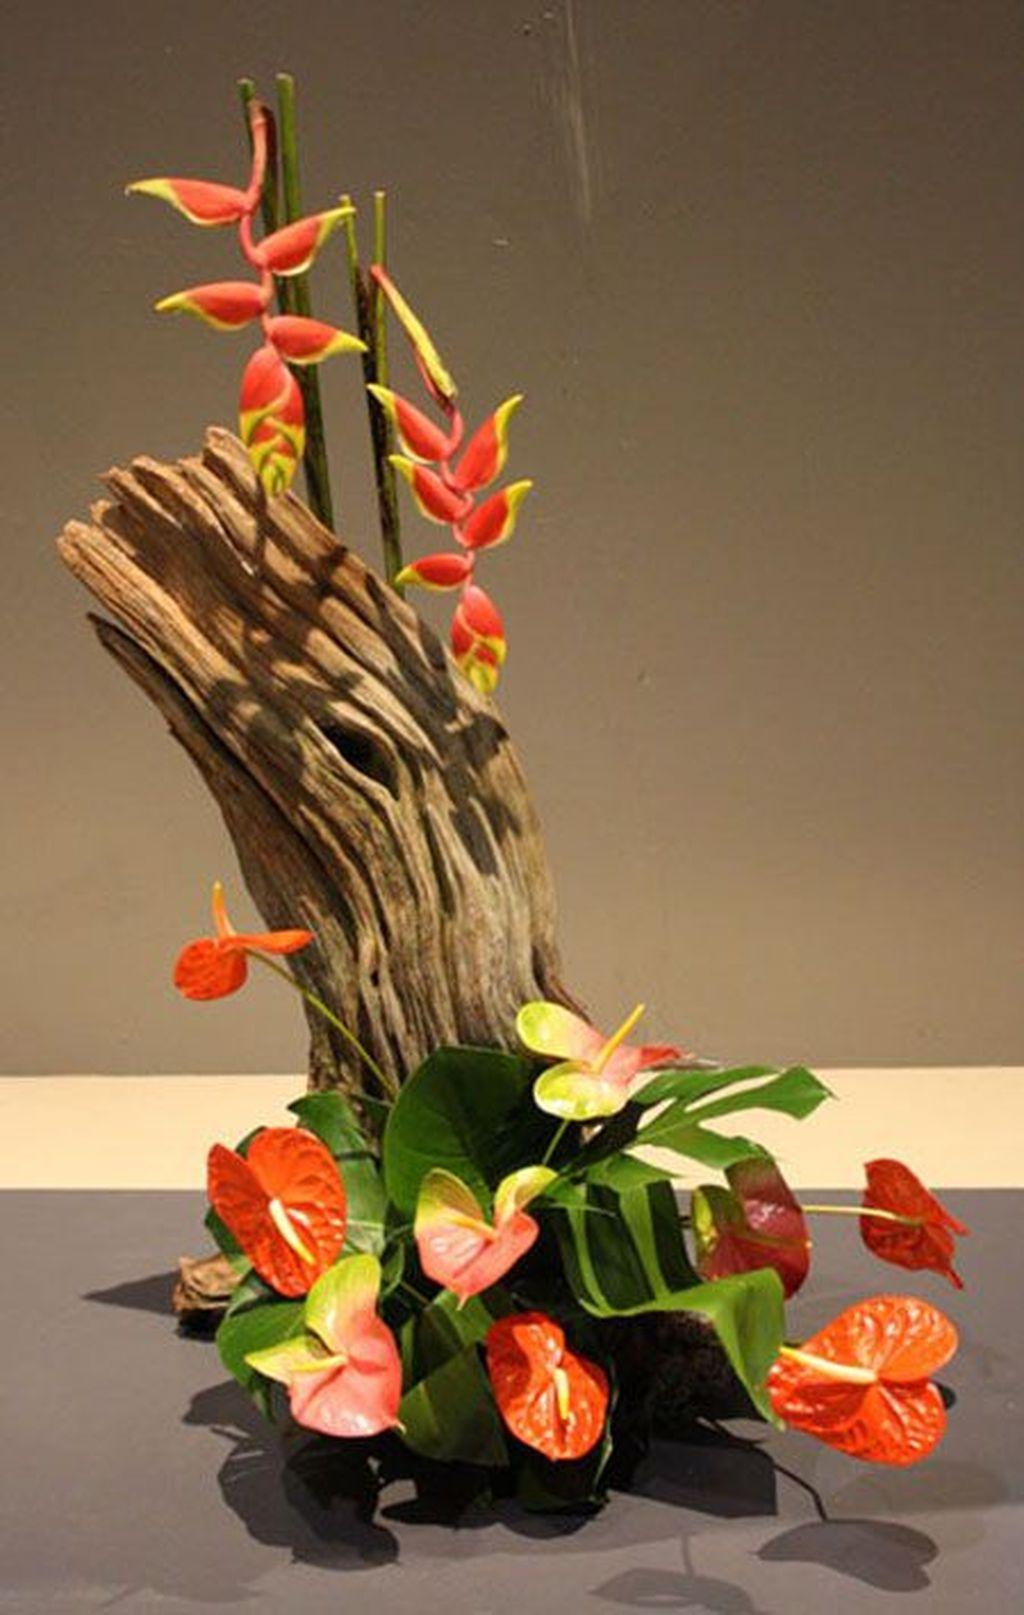 Amazing Unique Flower Arrangements Ideas For Your Home Decor 34